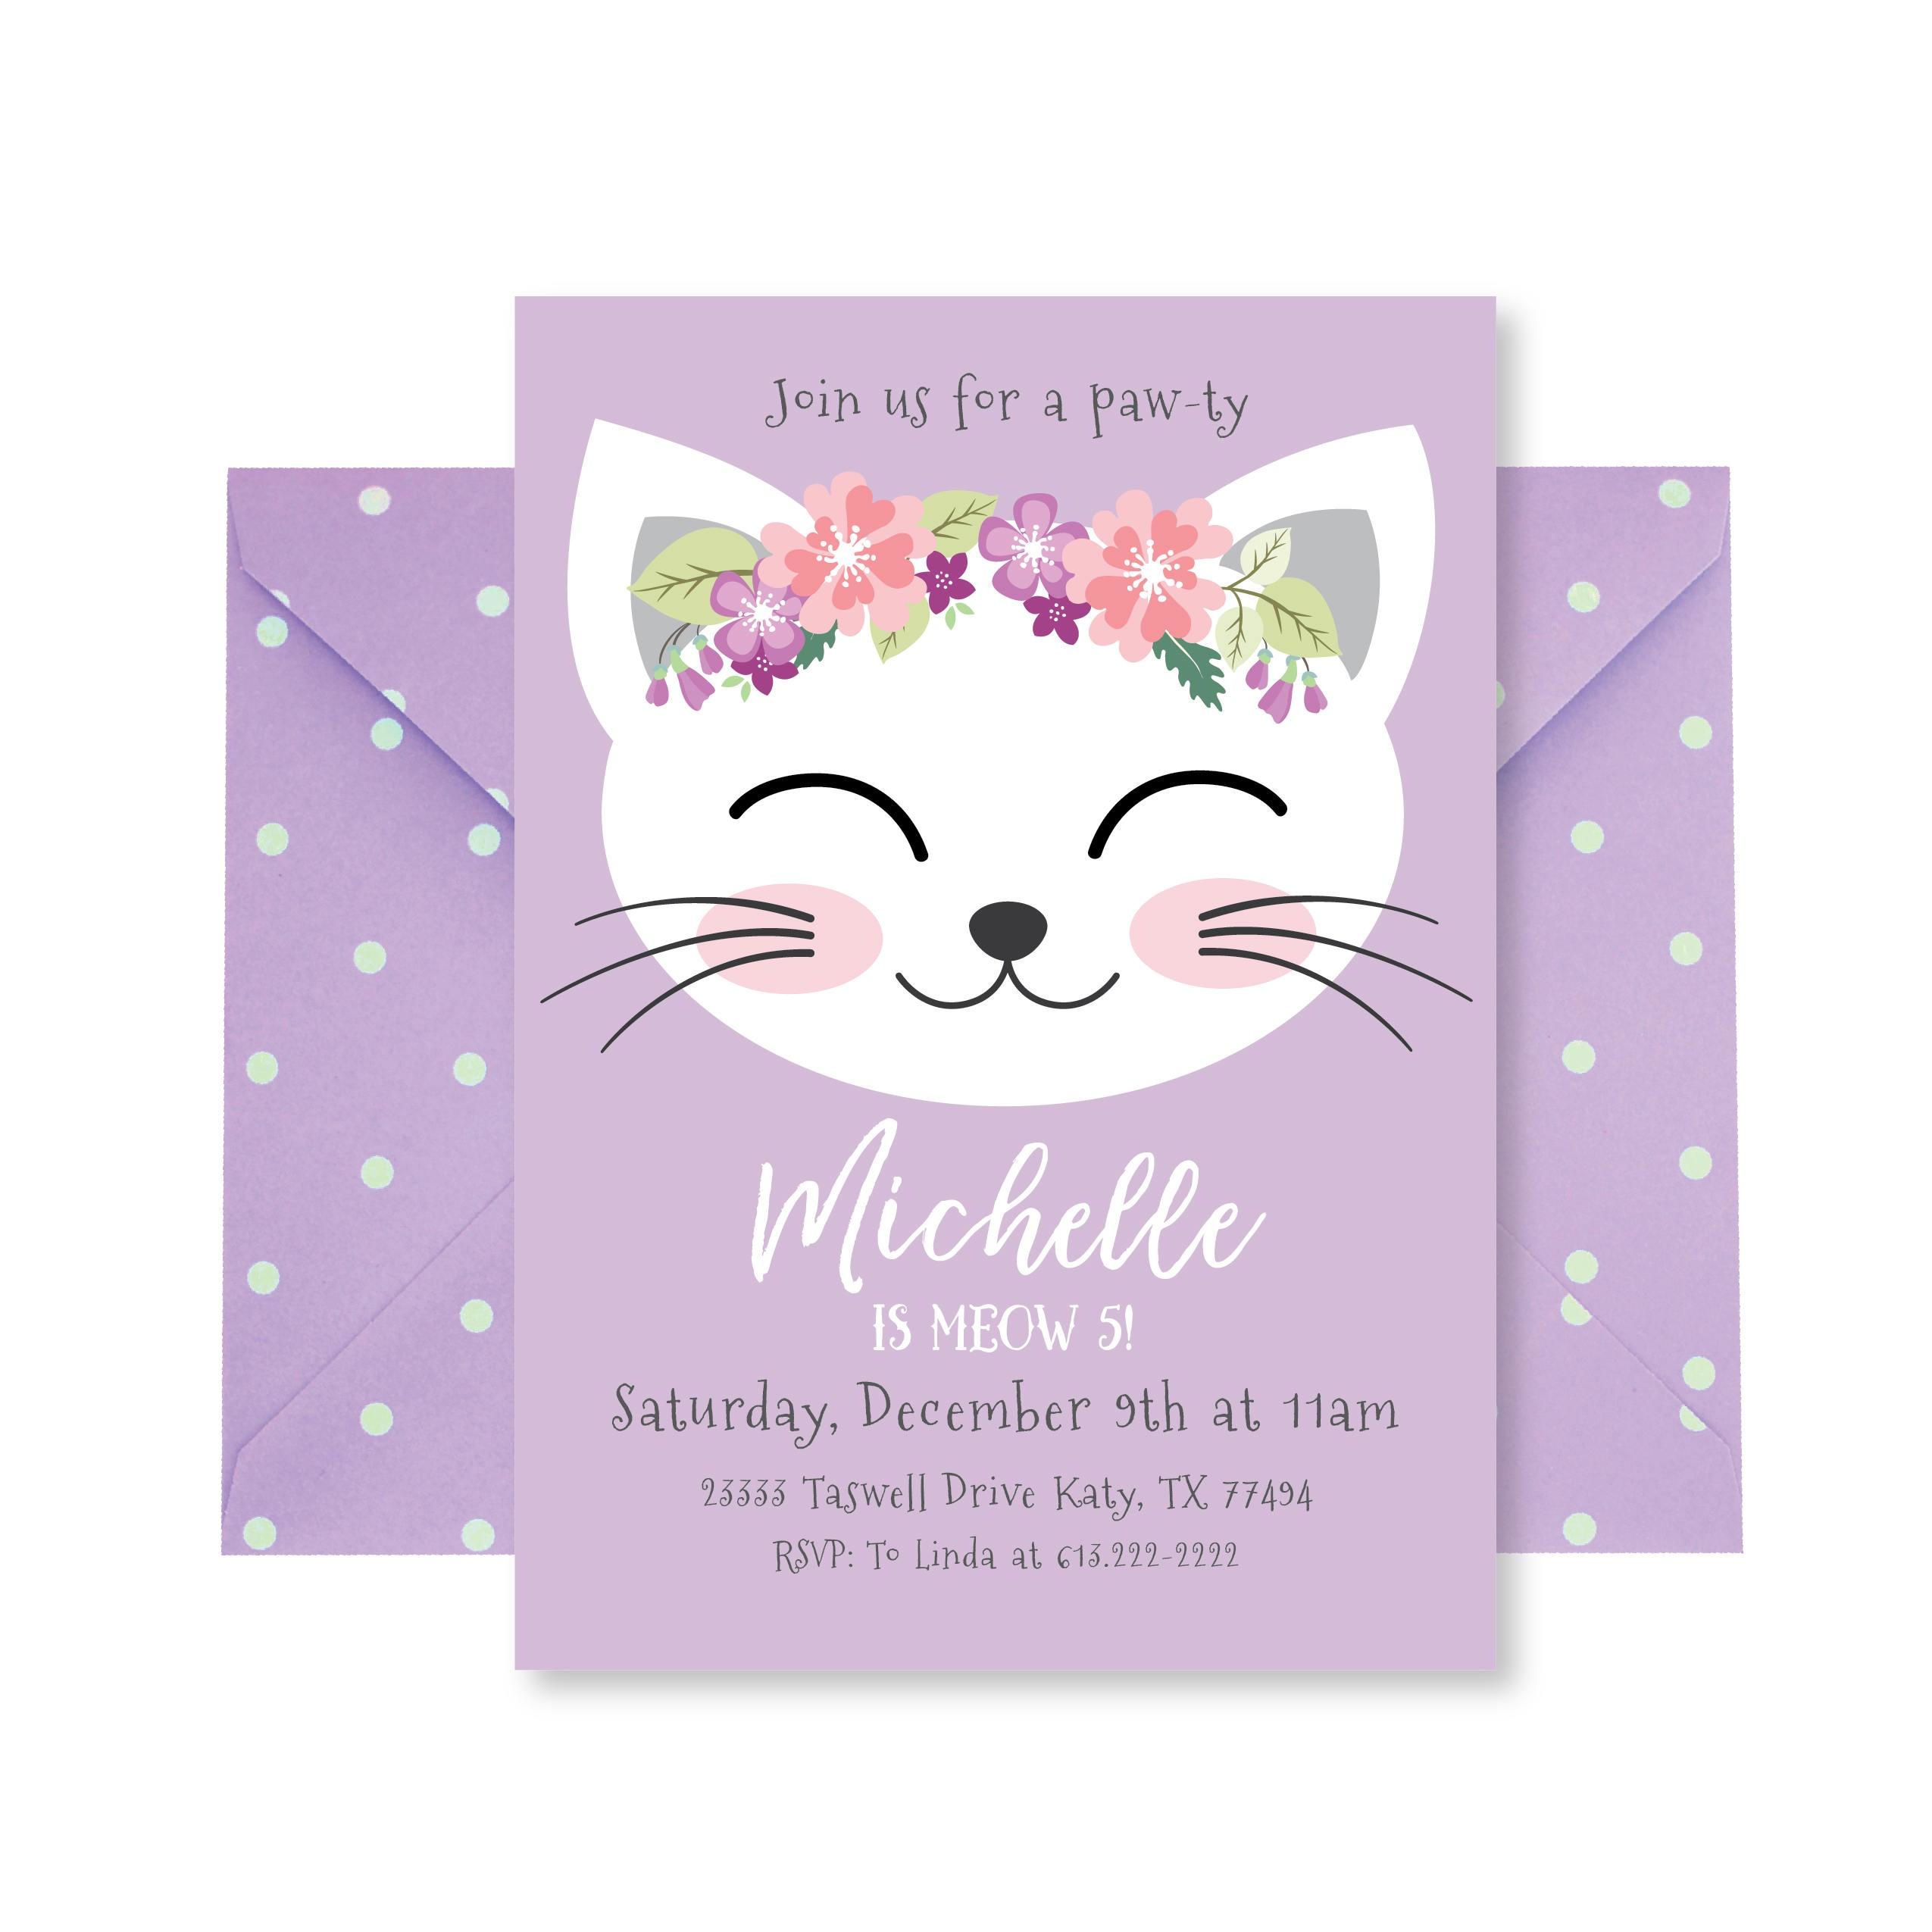 Cat Birthday Party Invitation Kitten Invitation Cat | Etsy - Free Printable Kitten Birthday Invitations